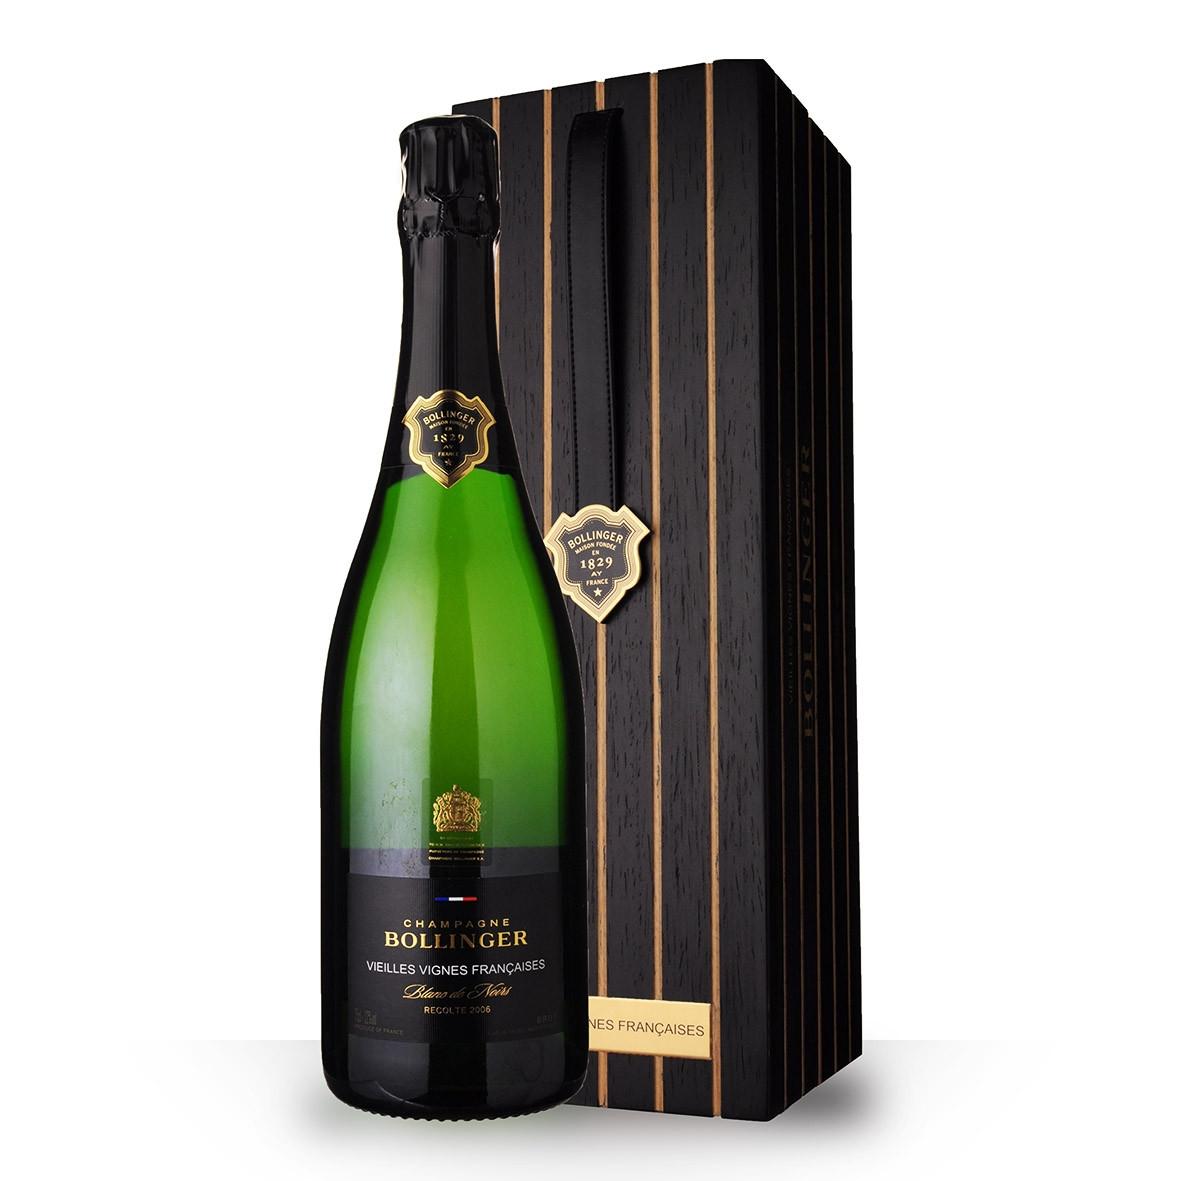 Champagne Bollinger Vieilles Vignes Françaises 2006 Brut 75cl Coffret www.odyssee-vins.com